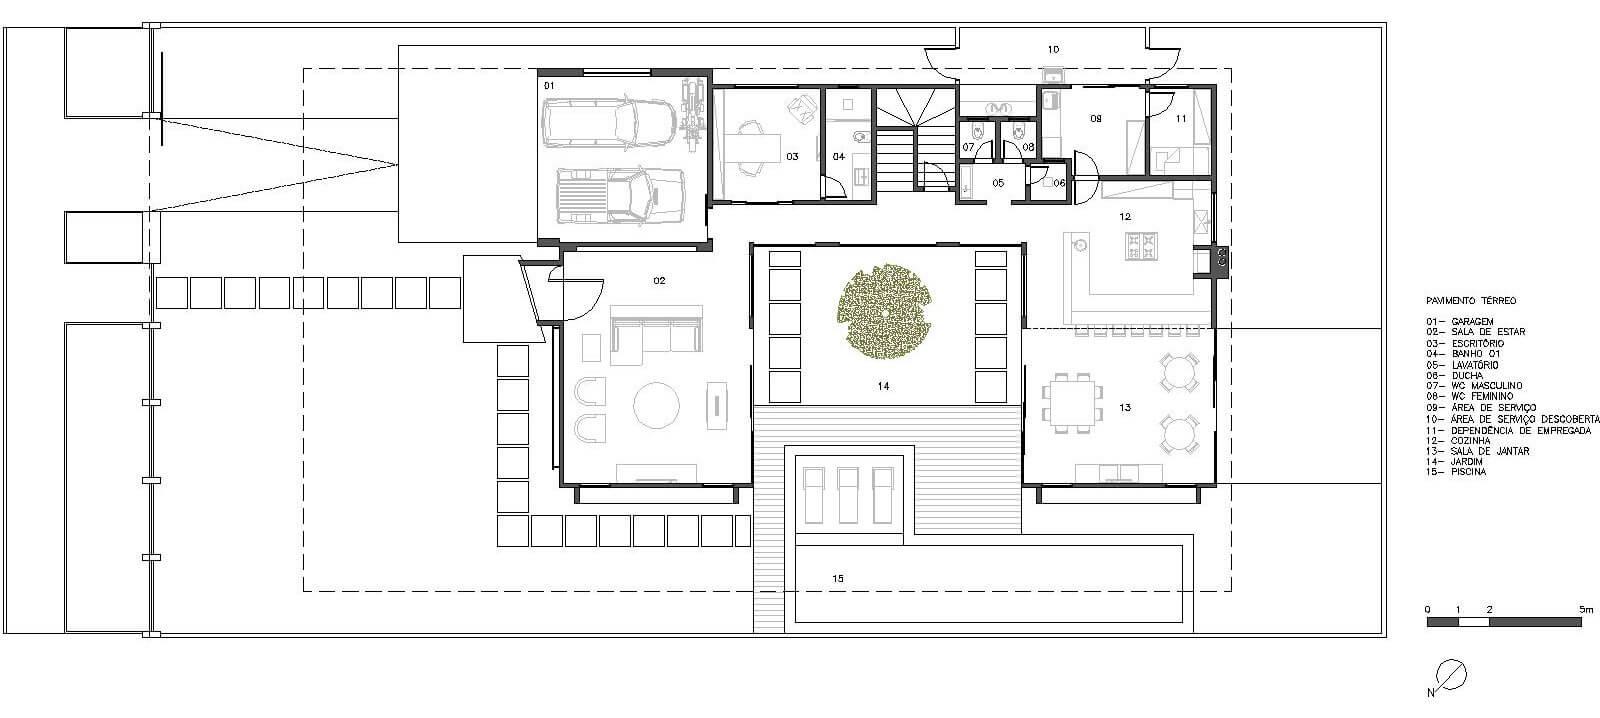 planta de casa 2 quartos